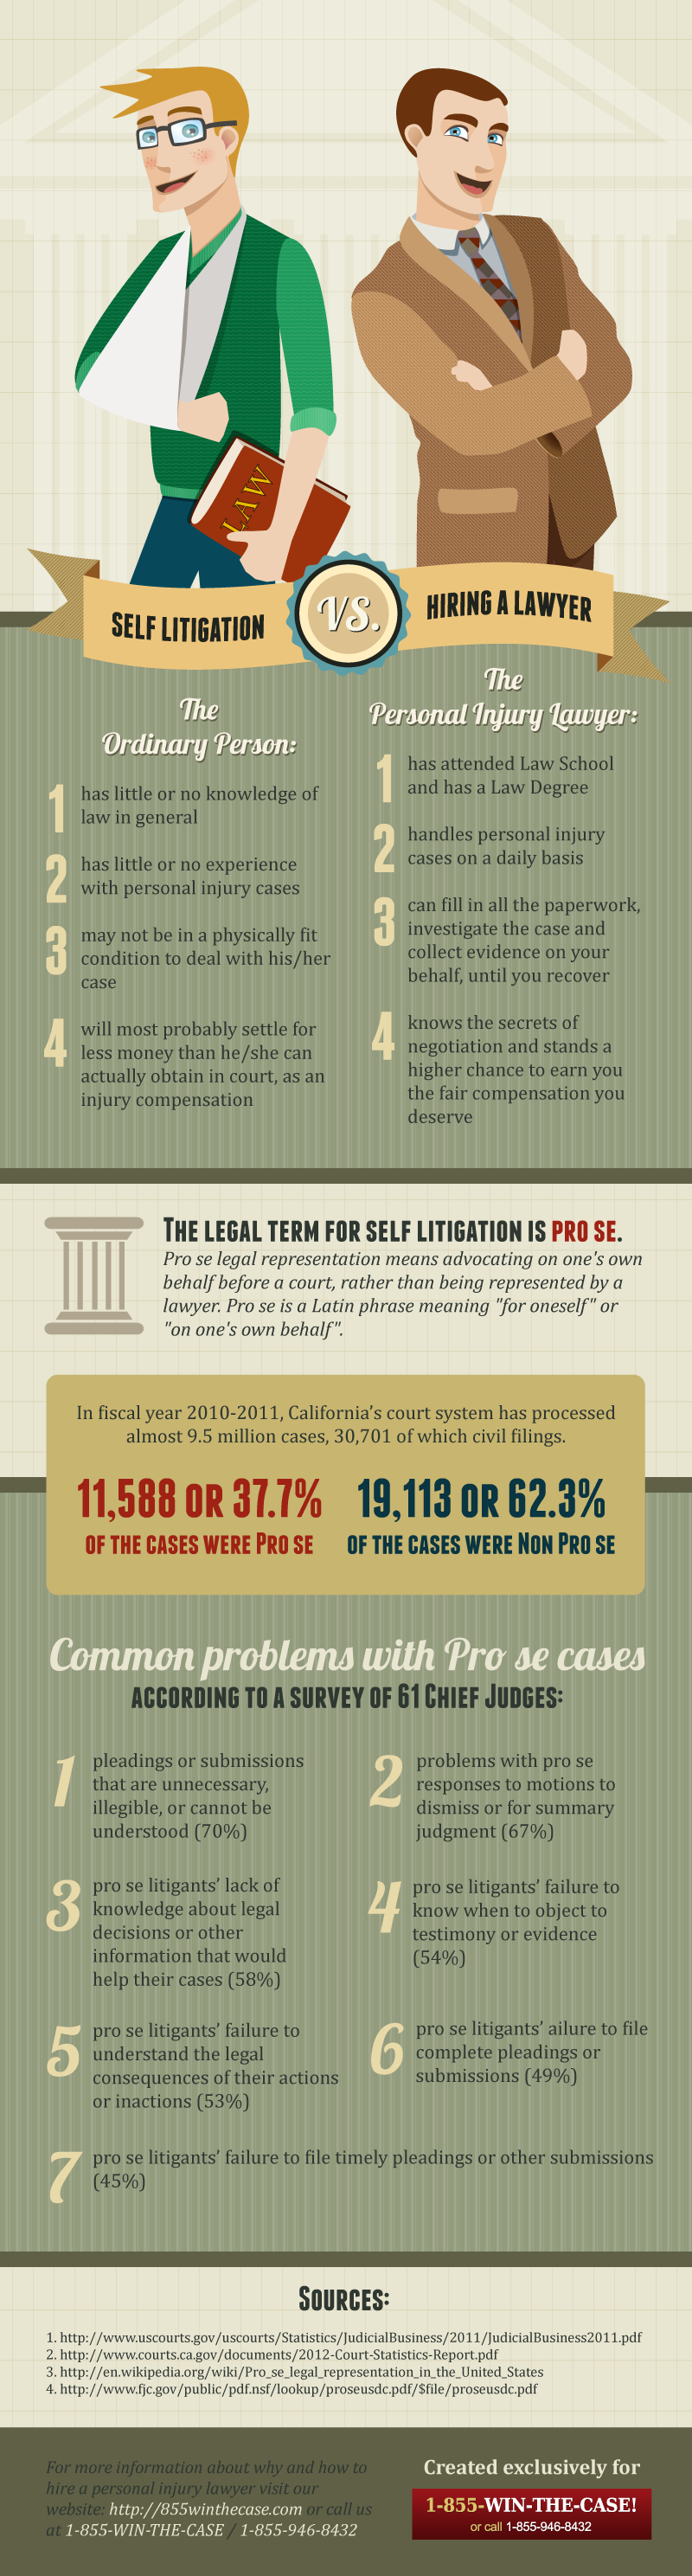 Self Litigation Risks-Infographic